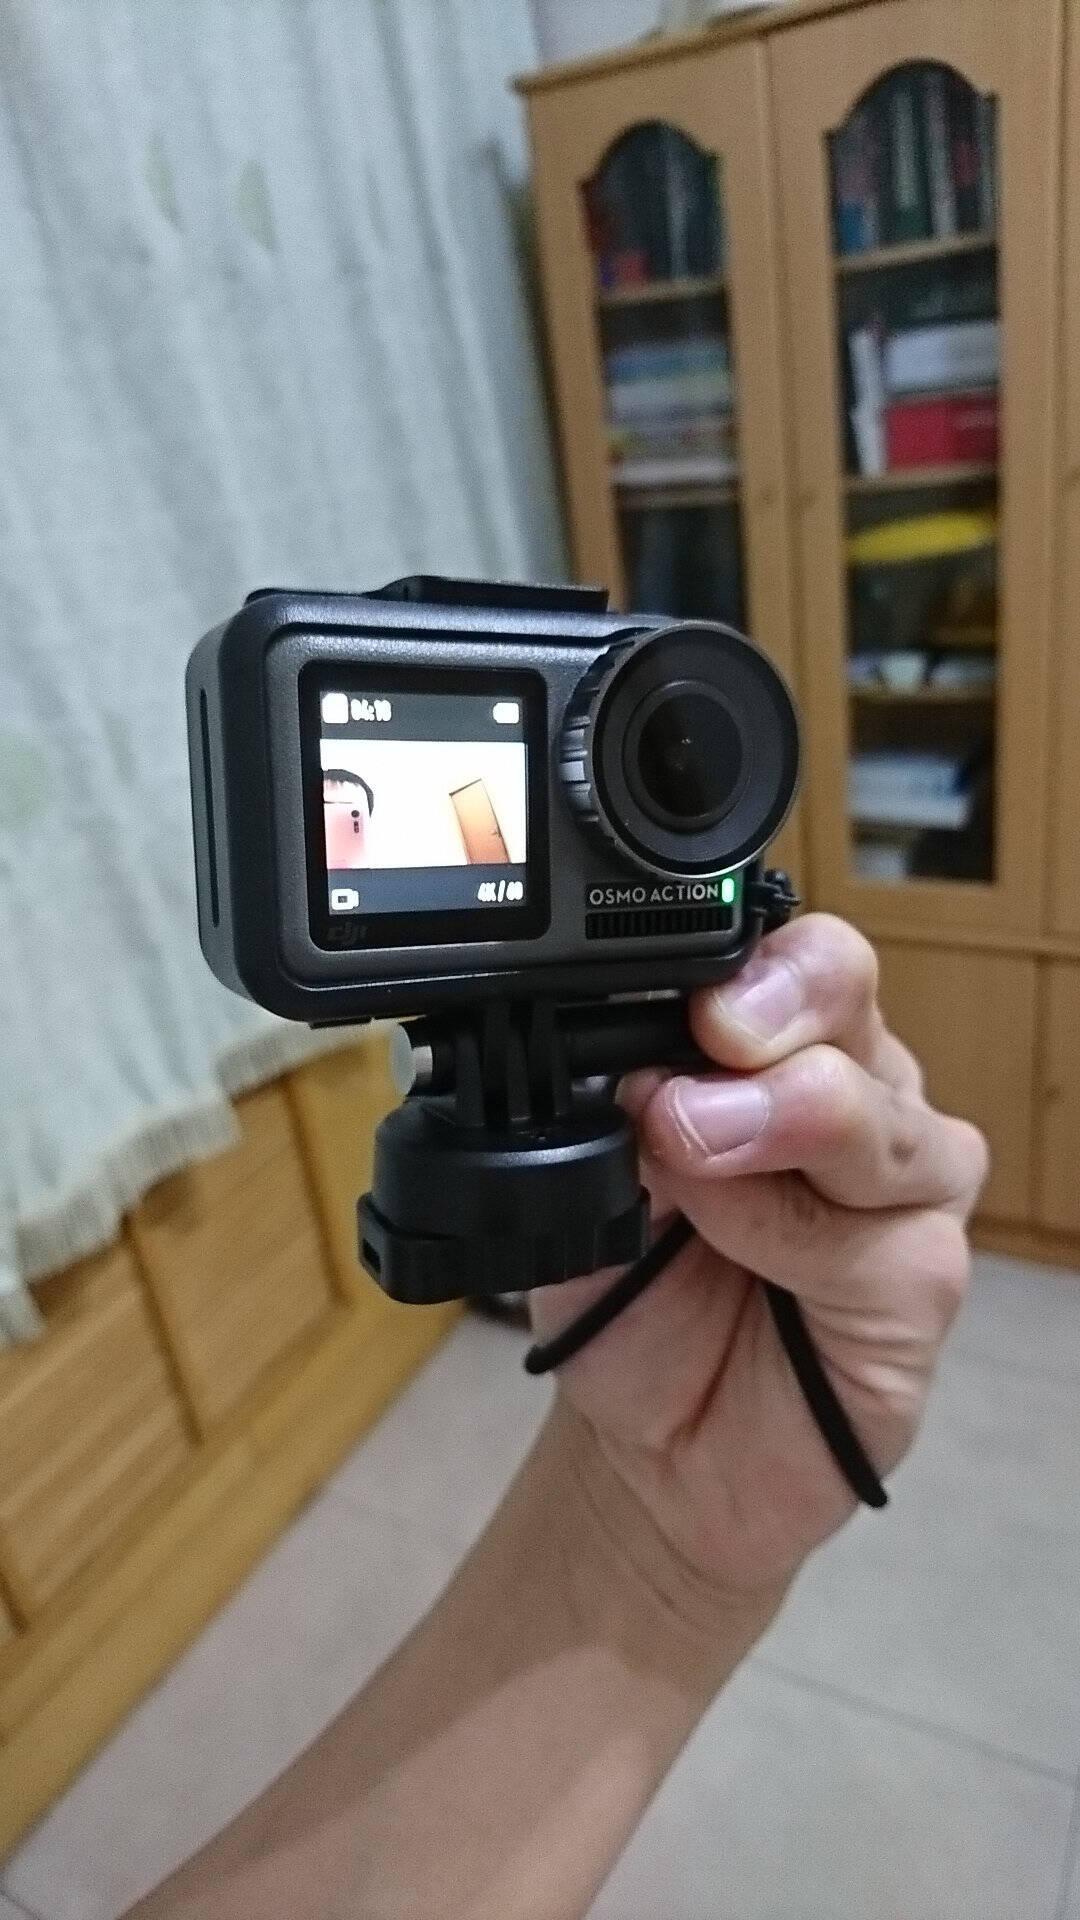 【爆款推荐】大疆DJIOsmoAction灵眸运动相机Vlog拍摄增稳4K超清裸机防水标配+128卡+充电管家套装+七大精选配件